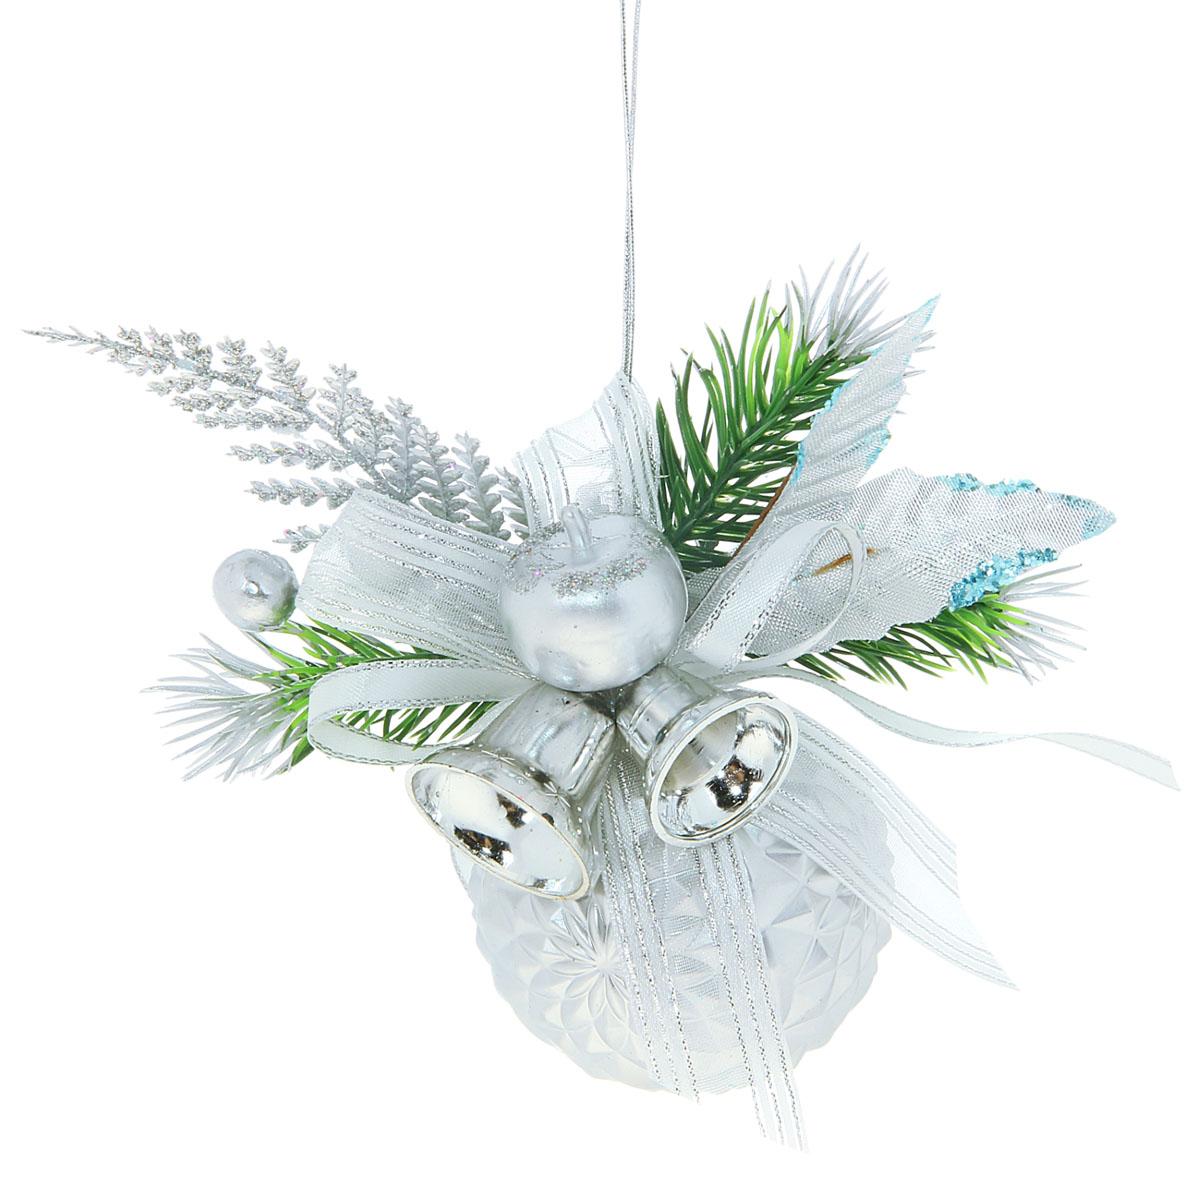 Новогодний декорированный шар Ажурный колокольчик, цвет: серебристый, диаметр 6 см. 705774 миниатюра колокольчик цвет серебристый 6 см